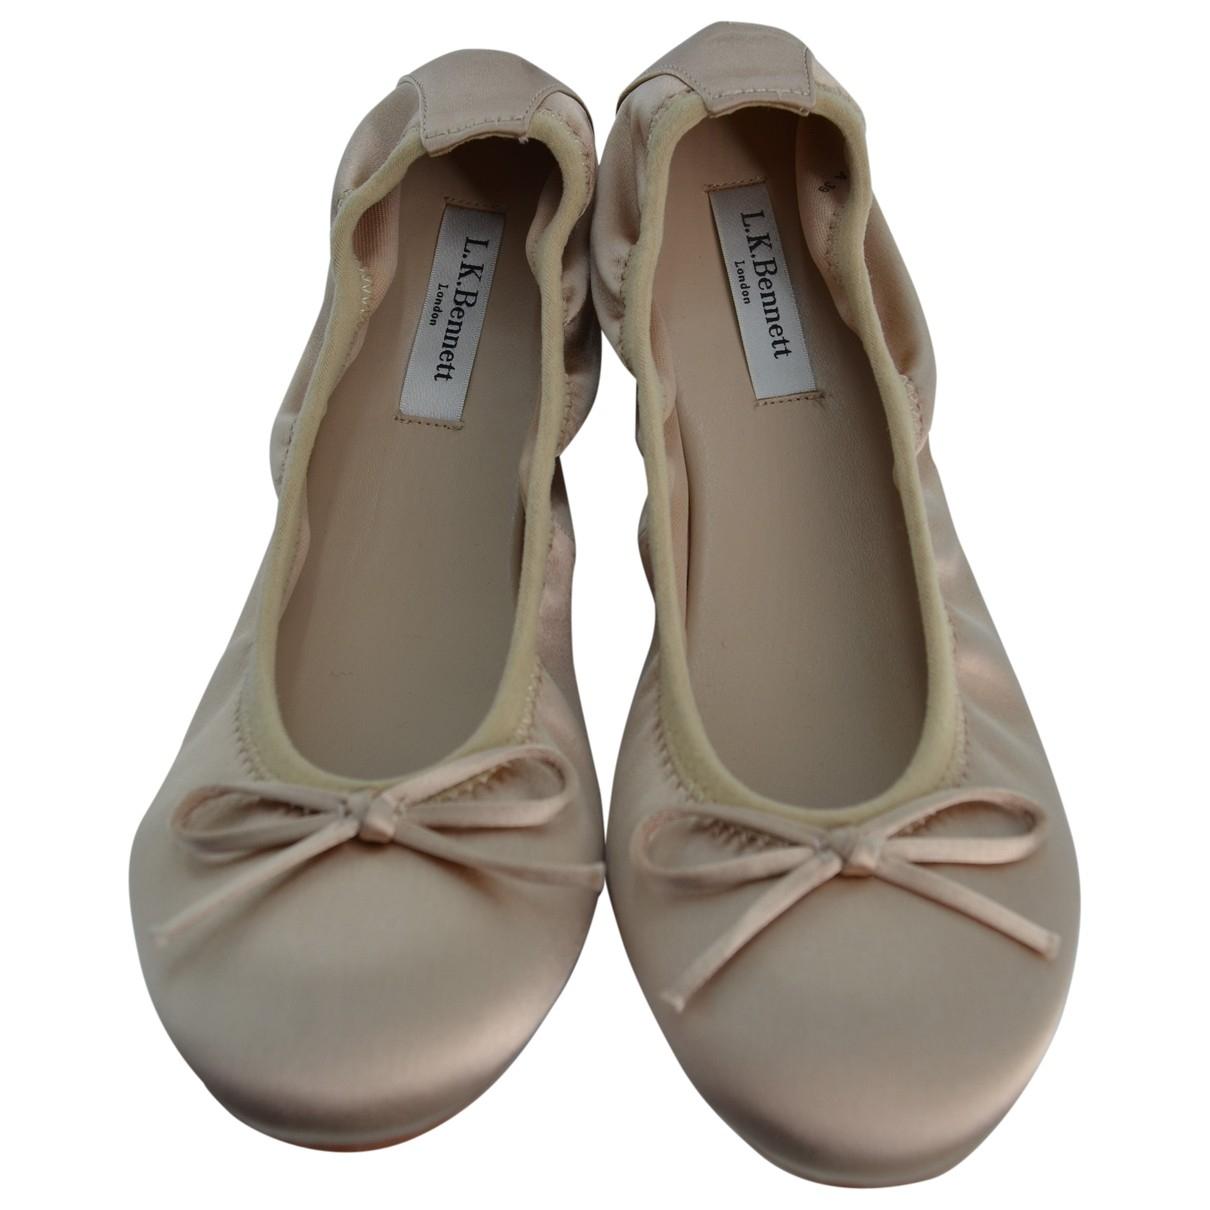 Lk Bennett \N Ballerinas in  Beige Leder